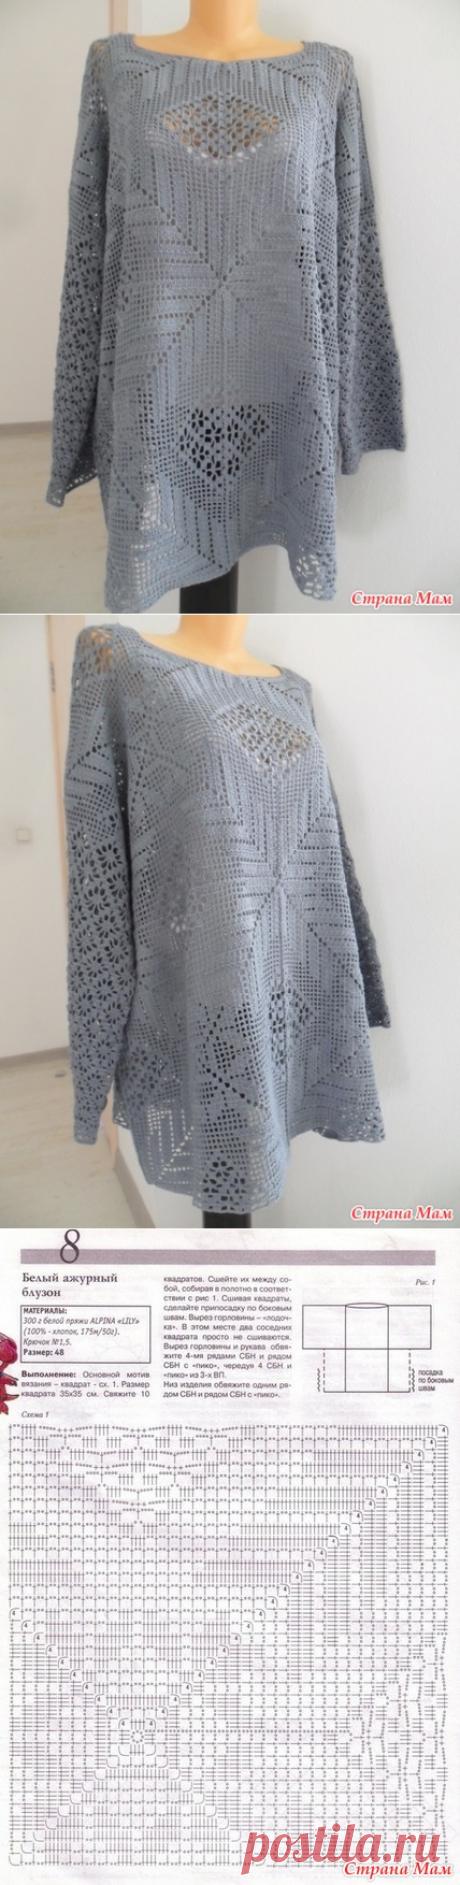 Филейная кофточка для дам роскошных форм - Вязание - Страна Мам